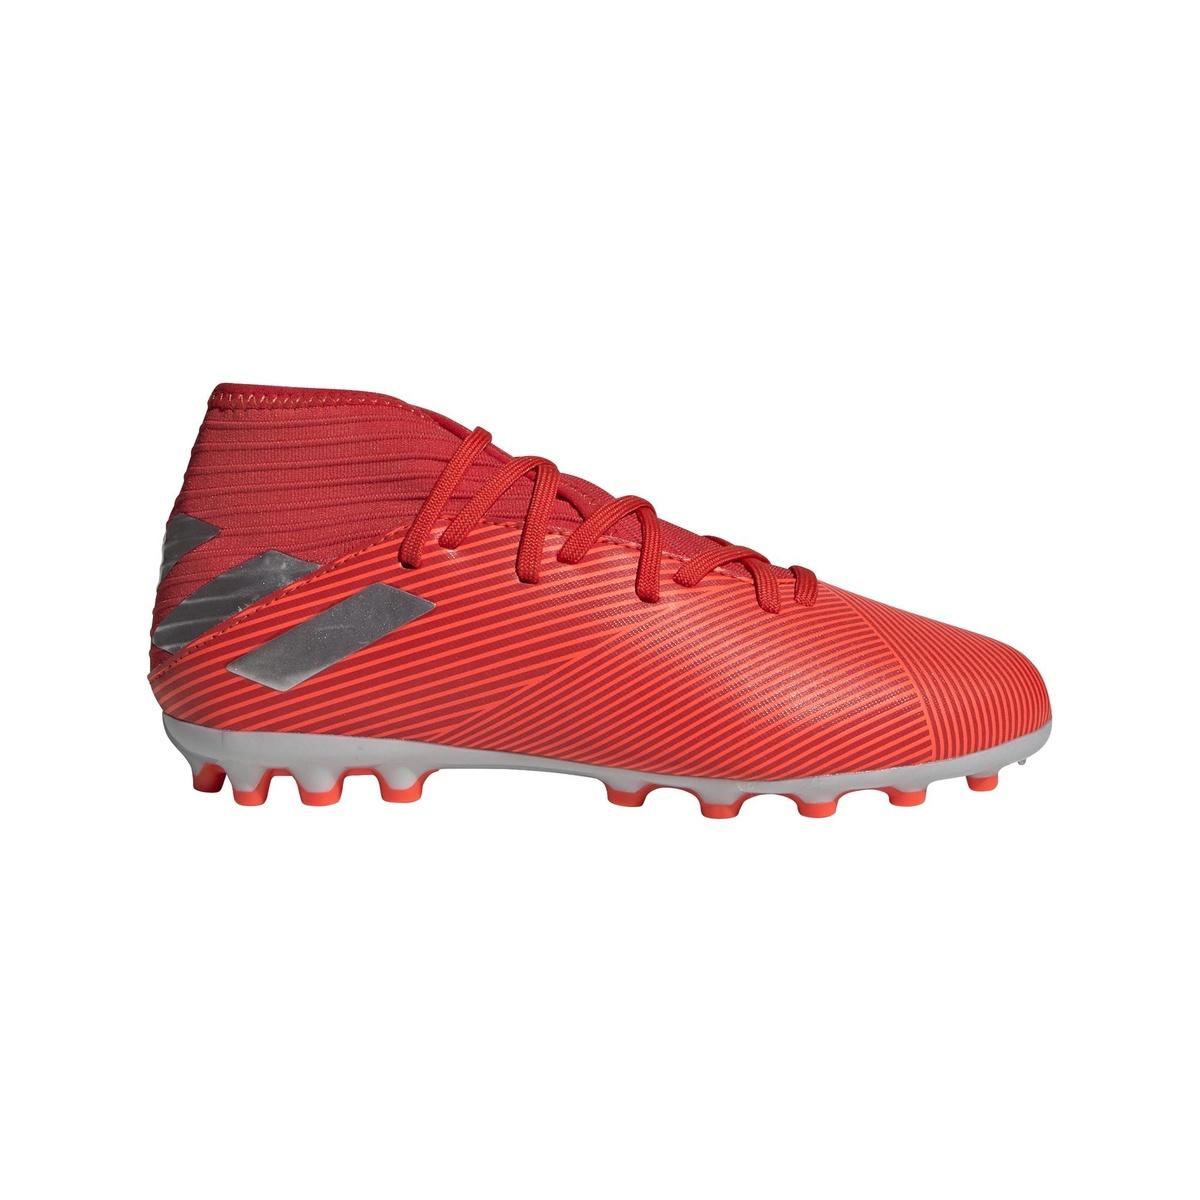 623f2d01 adidas Nemeziz 19.3 AG Q3 19, fotballsko junior - Fotballsko | XXL